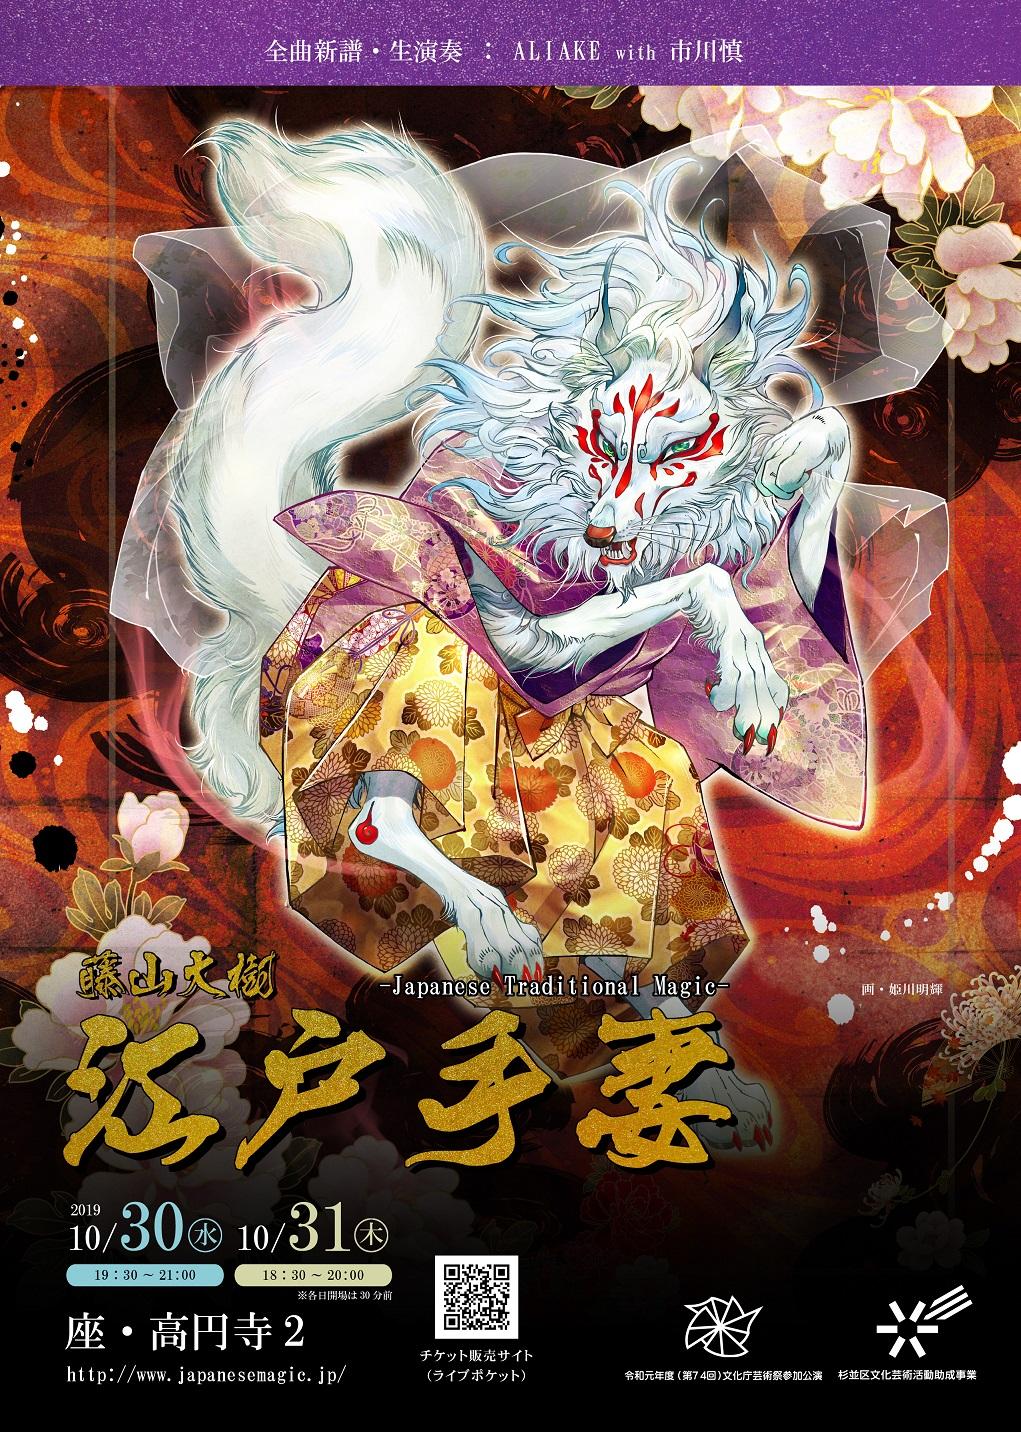 藤山大樹「江戸手妻」東京公演2019-Japanese Traditional Magic-